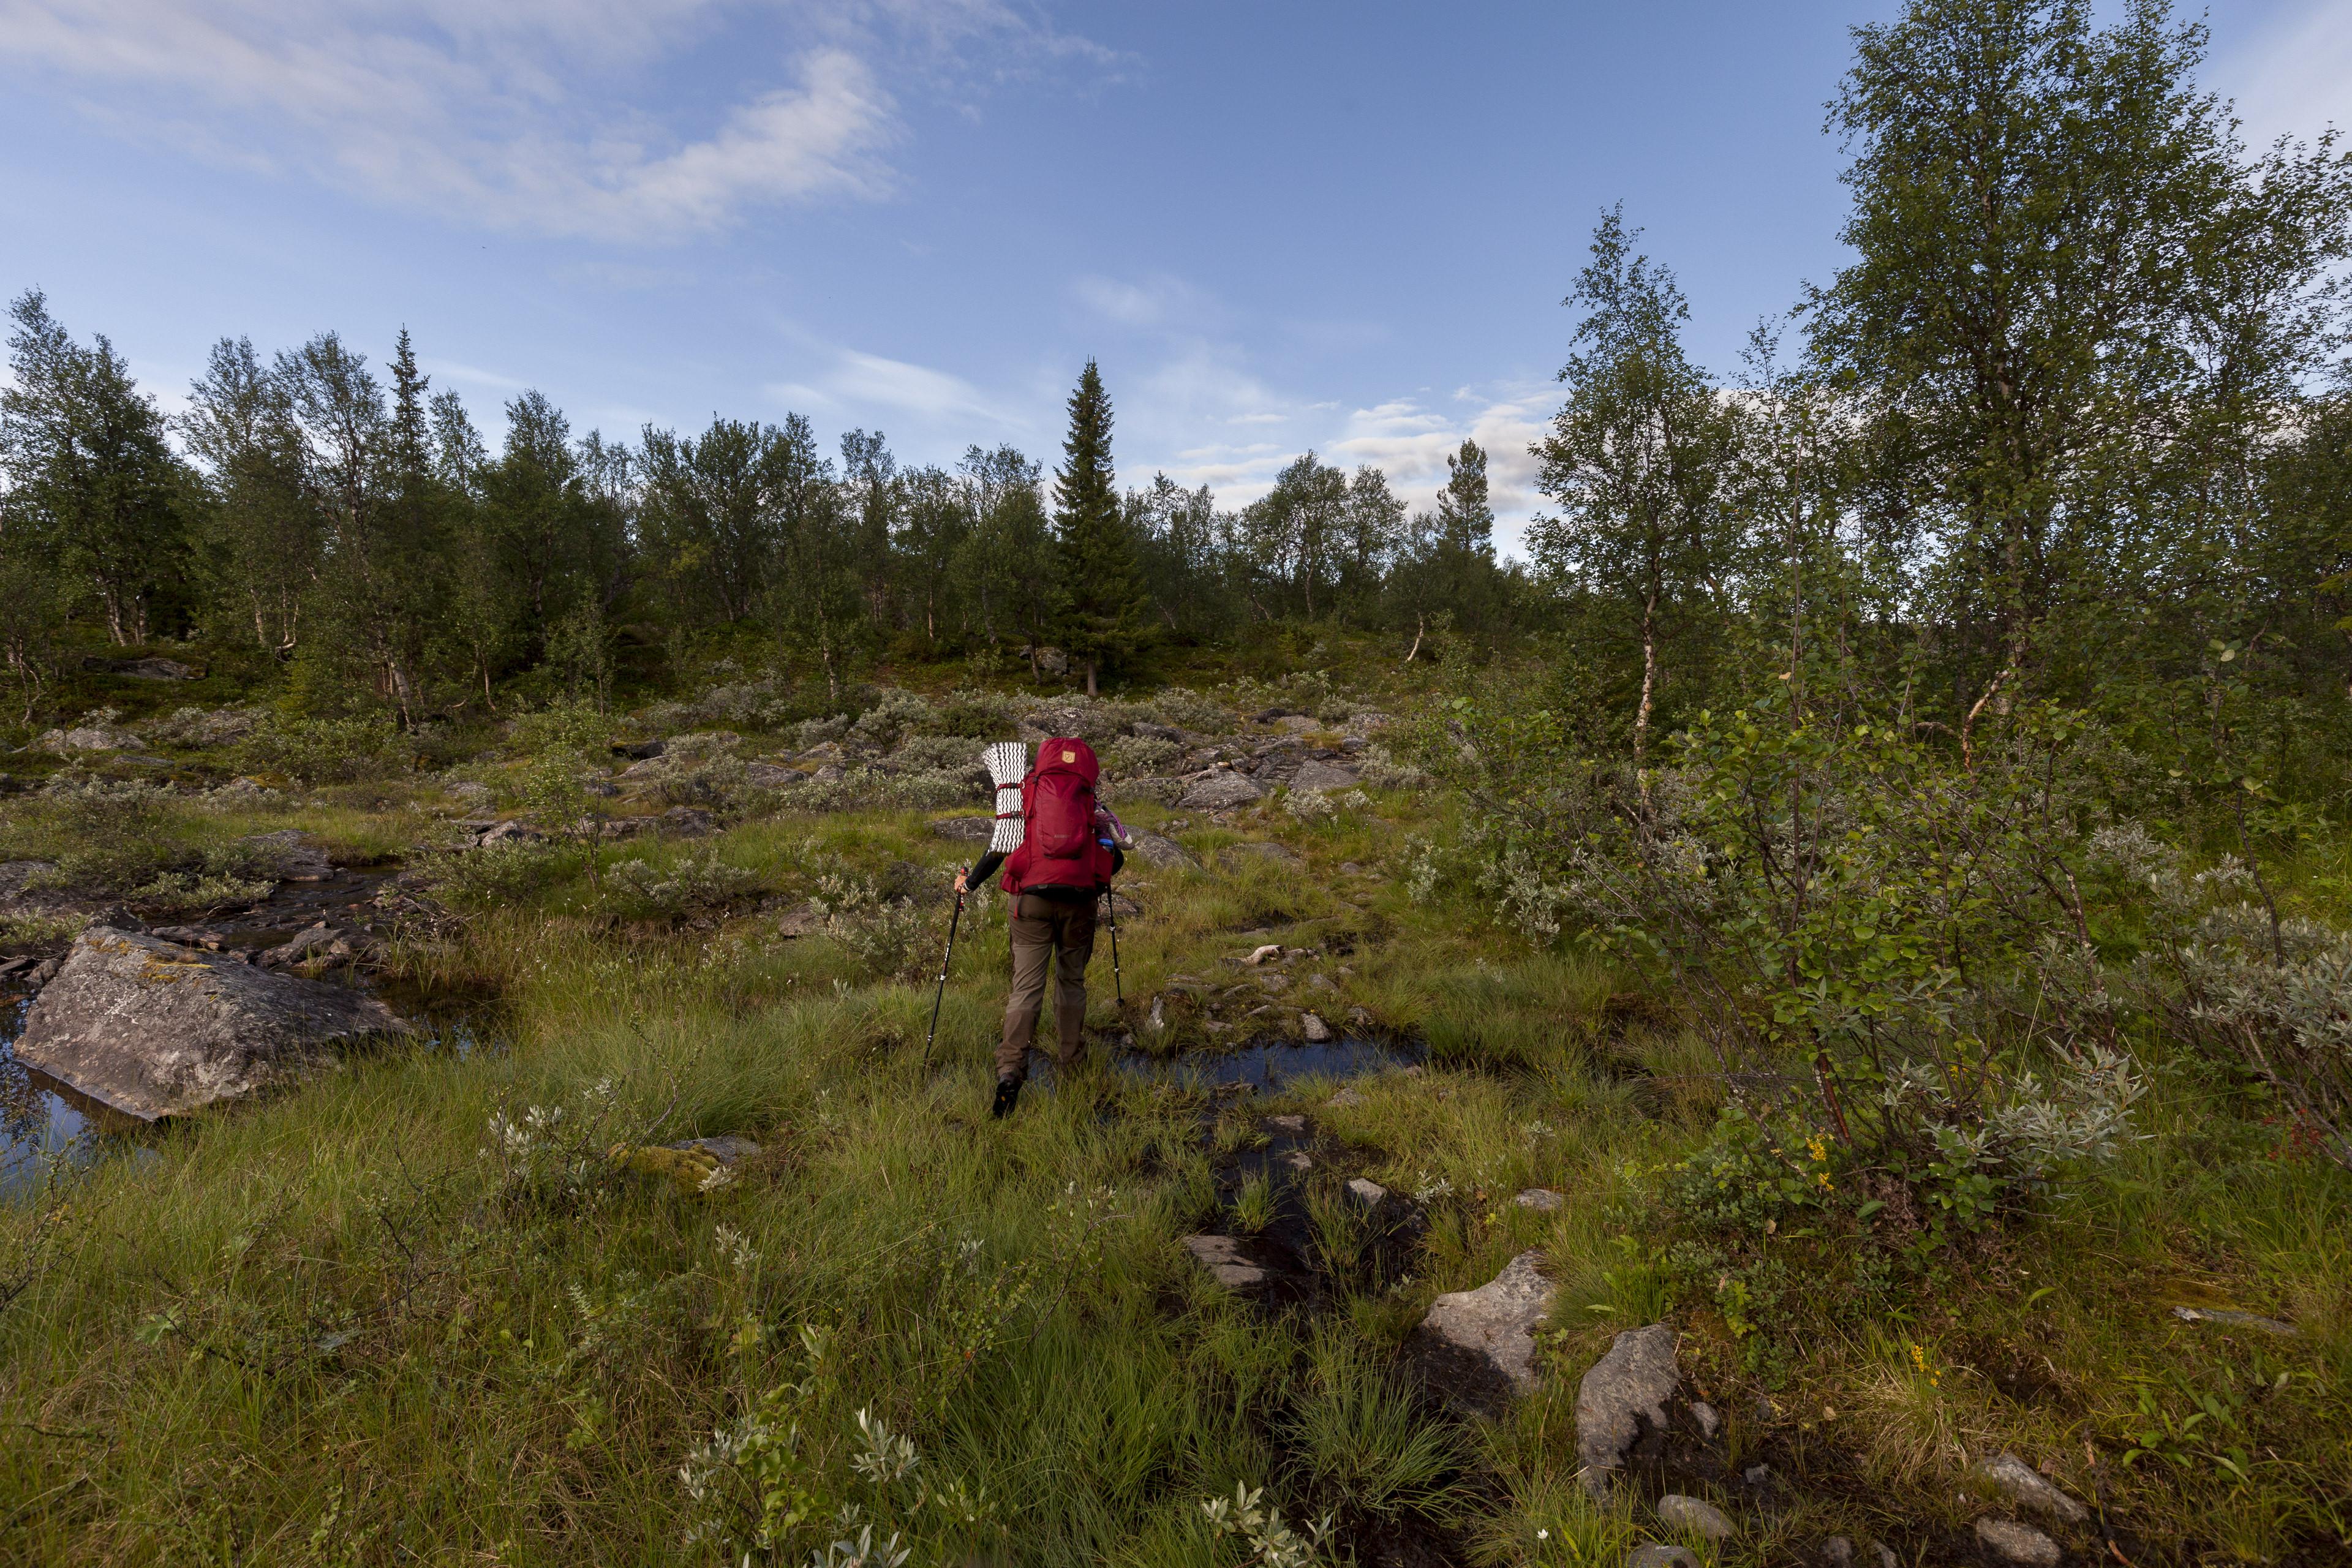 Mit großen Schritten durch den Sumpf,©Markus Proske—Canon EOS 5D Mark II, EF16-35mm f/4L IS USM, 16mm, 1/160s, Blende 8, ISO 400